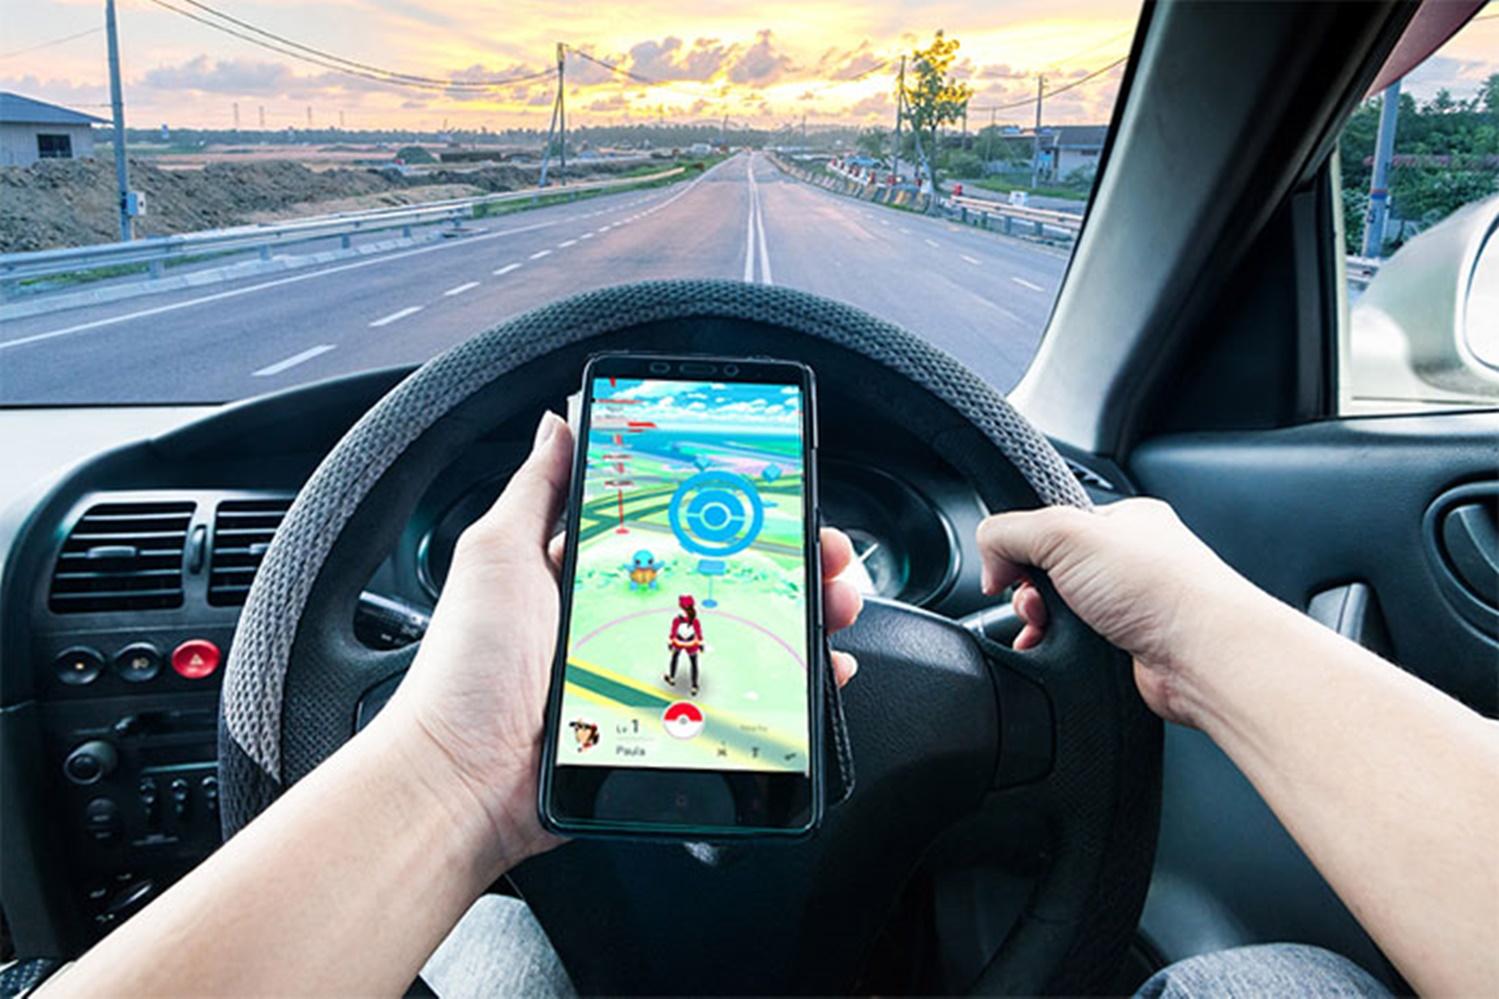 Imagem de Estudo responsabiliza Pokémon GO por US$ 7,3 bilhões em danos no trânsito no tecmundo